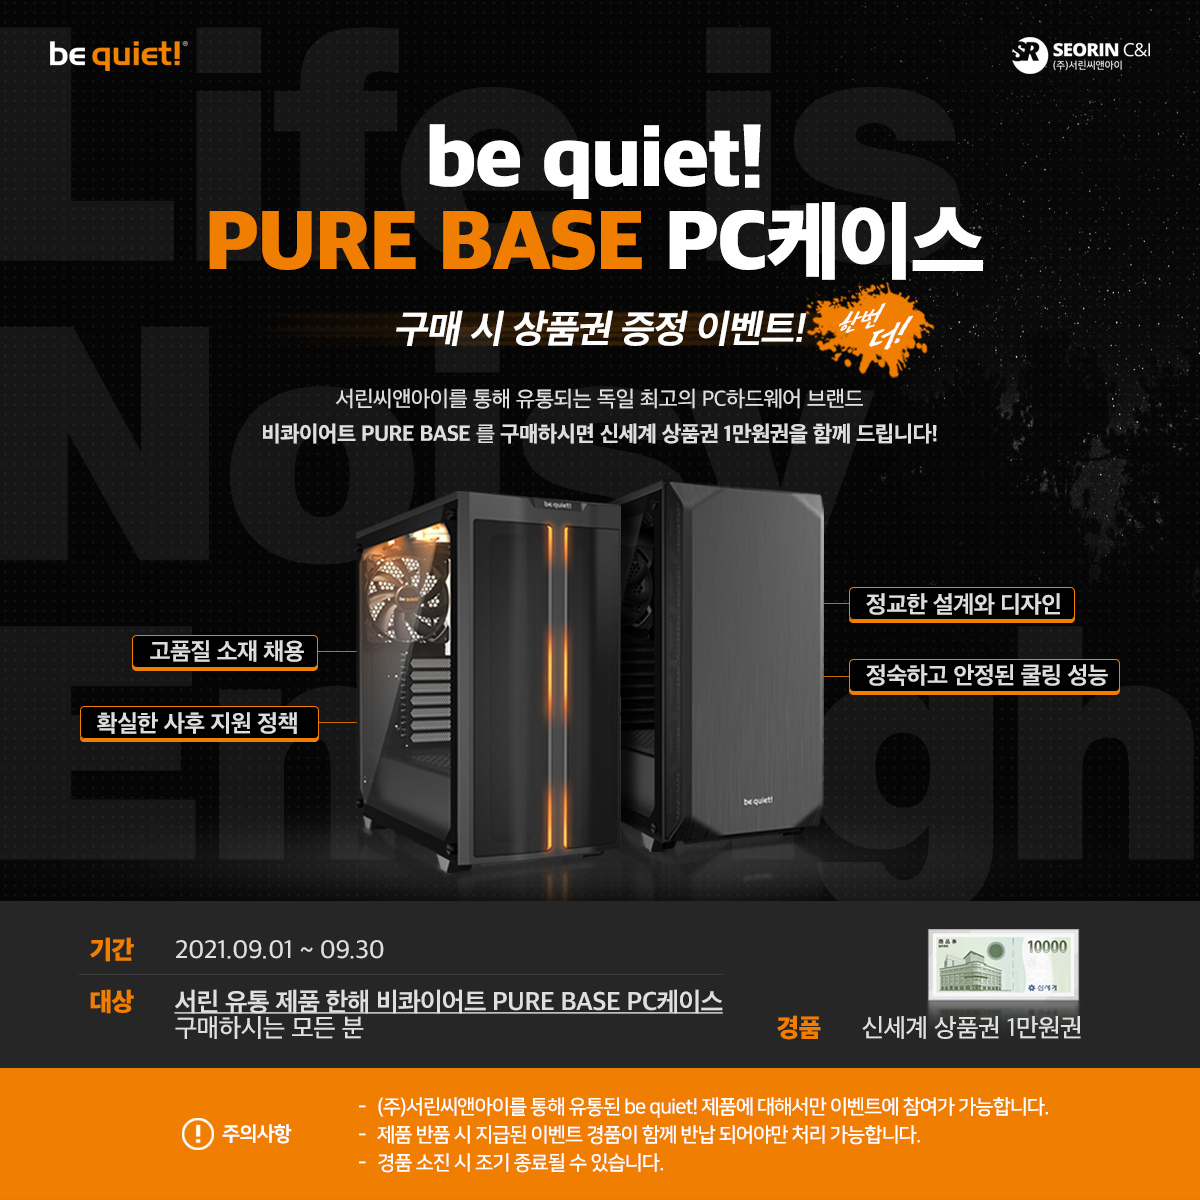 비콰이어트 퓨어 베이스 PC케이스 시리즈 구매 시 상품권 증정 이벤트!